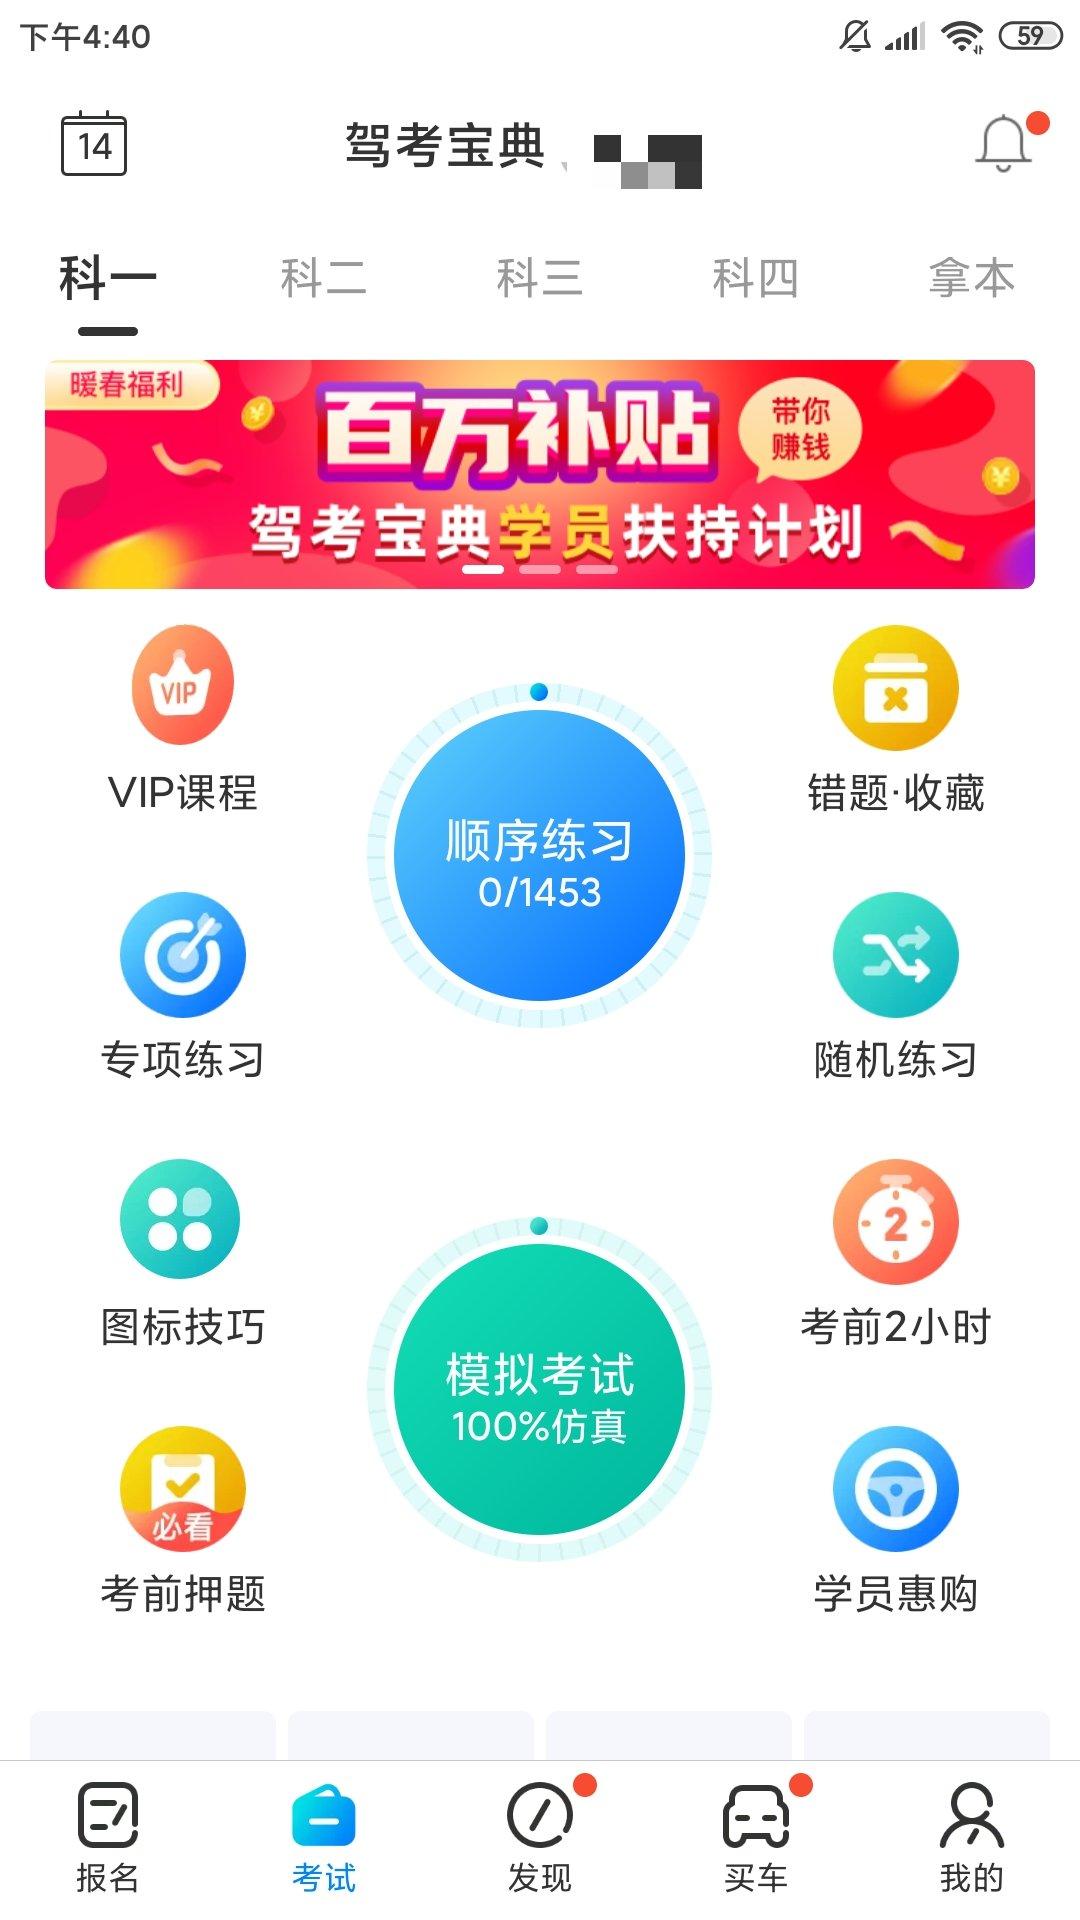 【分享】驾考宝典v7.6.3 去除广告解锁考试押题密卷